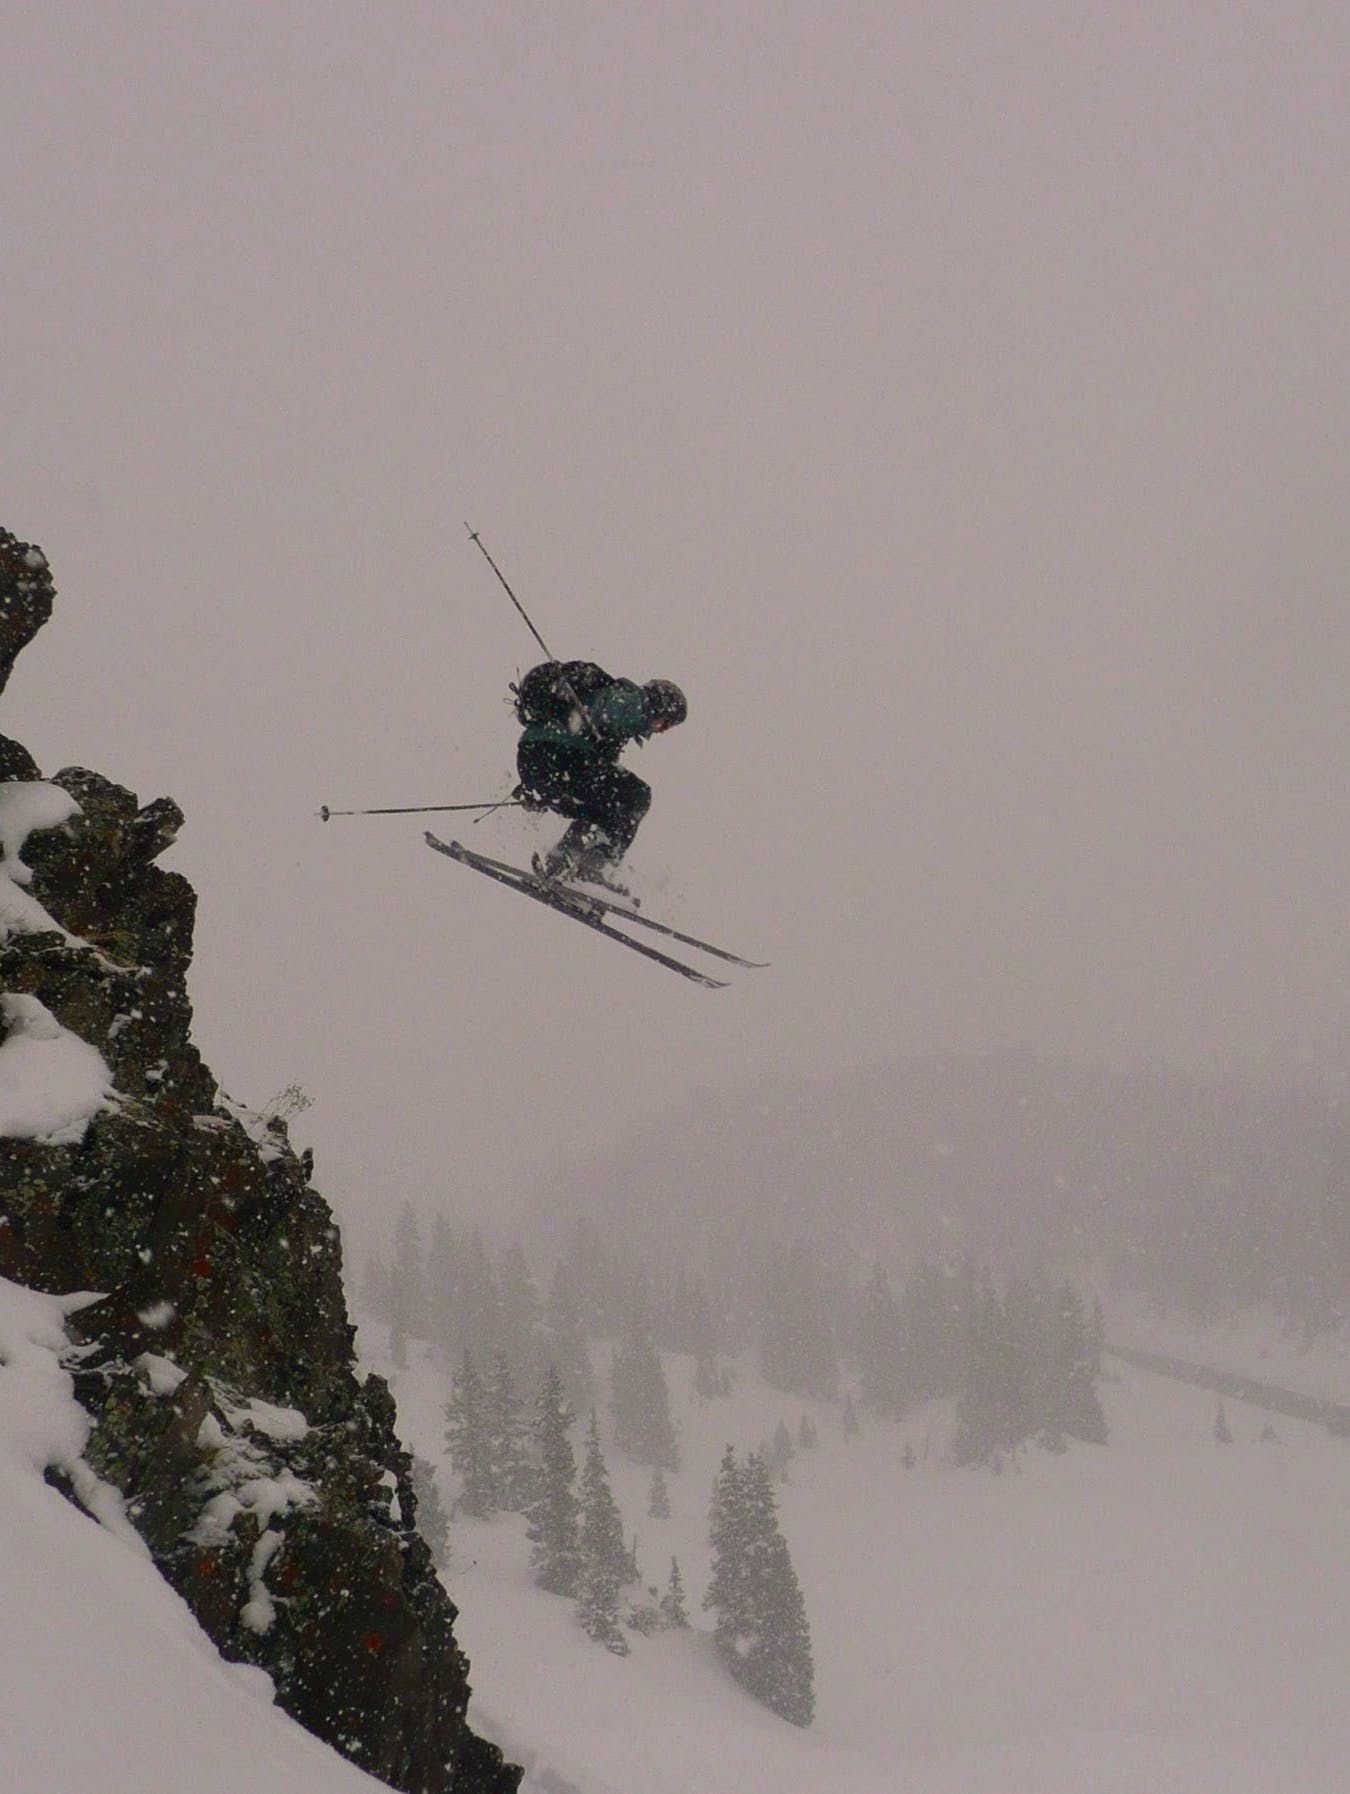 Winter Sports Expert Aaron Bandler